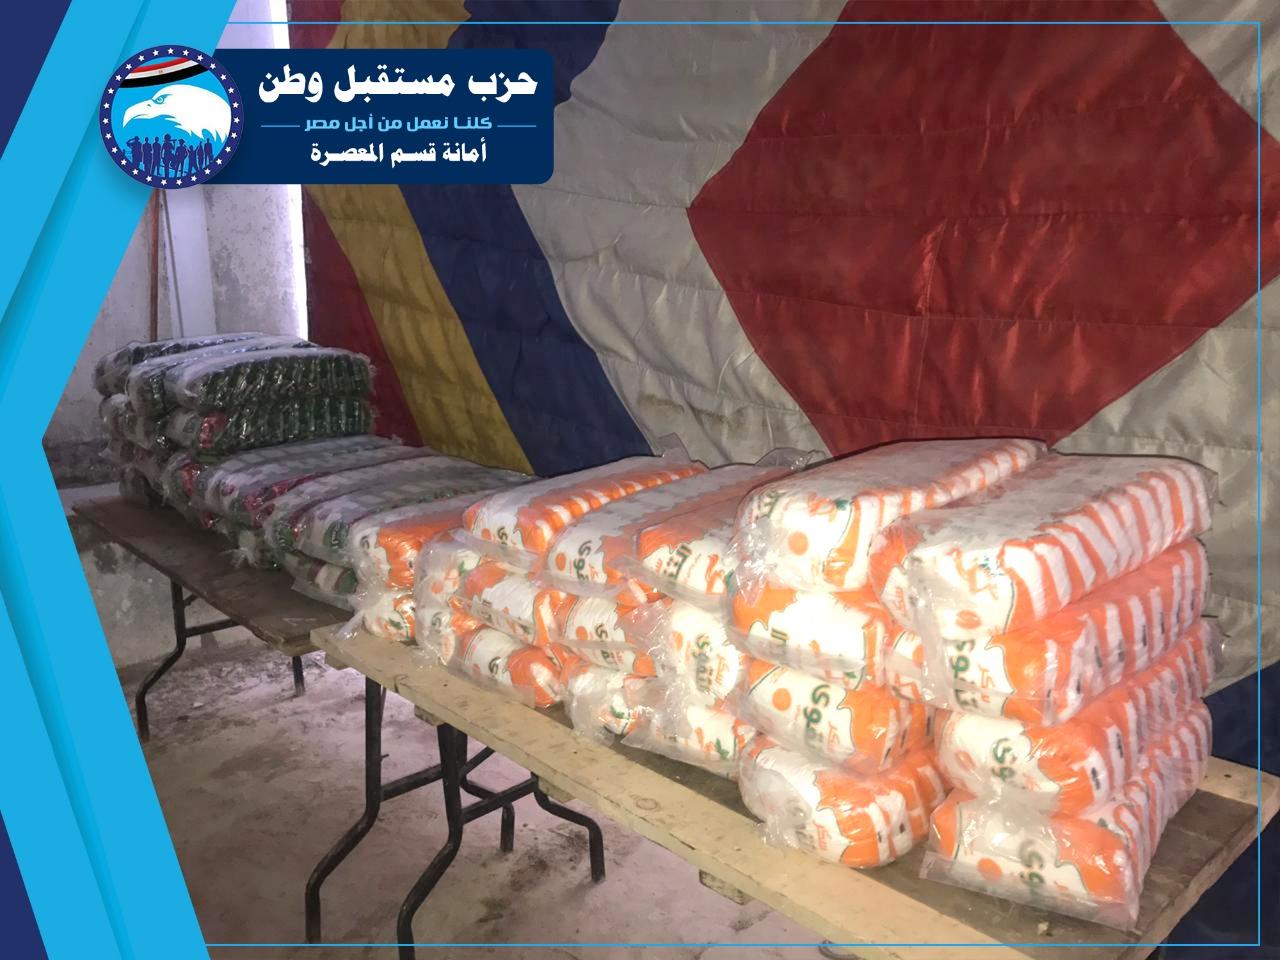 افتتاح منفذين فى السلام والمعصرة (2)